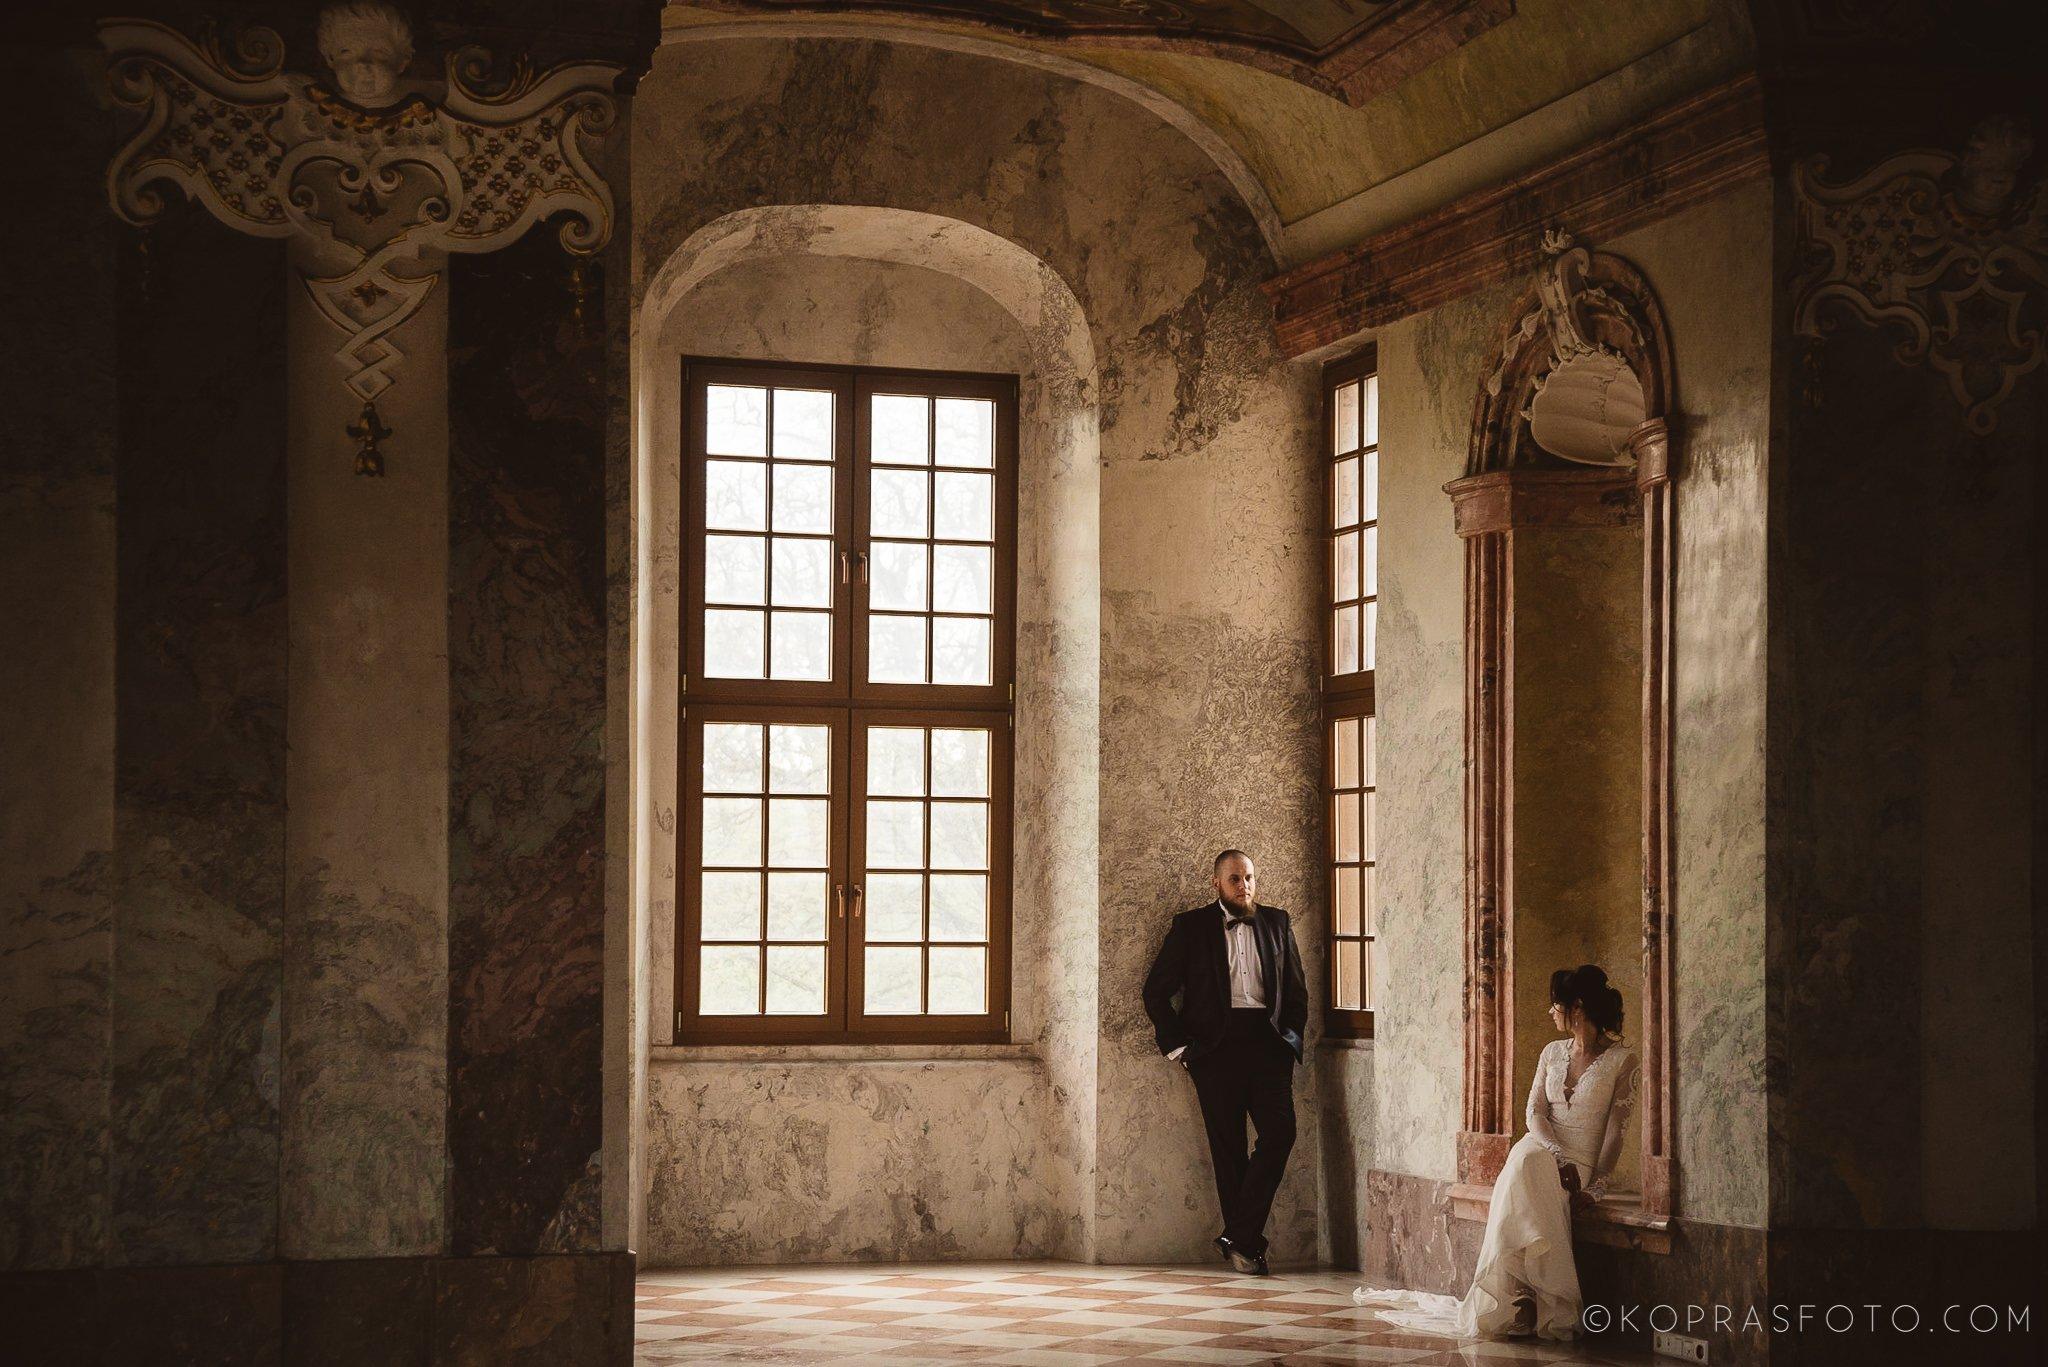 Jeszcze raz chcielibyśmy tam pojechać, Koprasfoto wykonali Sesja plenerowa w Łubiążu z Asią i Łukaszem, fantastyczne miejsce koło Wrocławia, niesamowite wnętrza w Klasztorze CystersówSesja plenerowa w Łubiążu z Asią i Łukaszem, fantastyczne miejsce koło Wrocławia, niesamowite wnętrza klasztoru cystersów, sesja ślubna tam to marzenie, przepiękne sufity